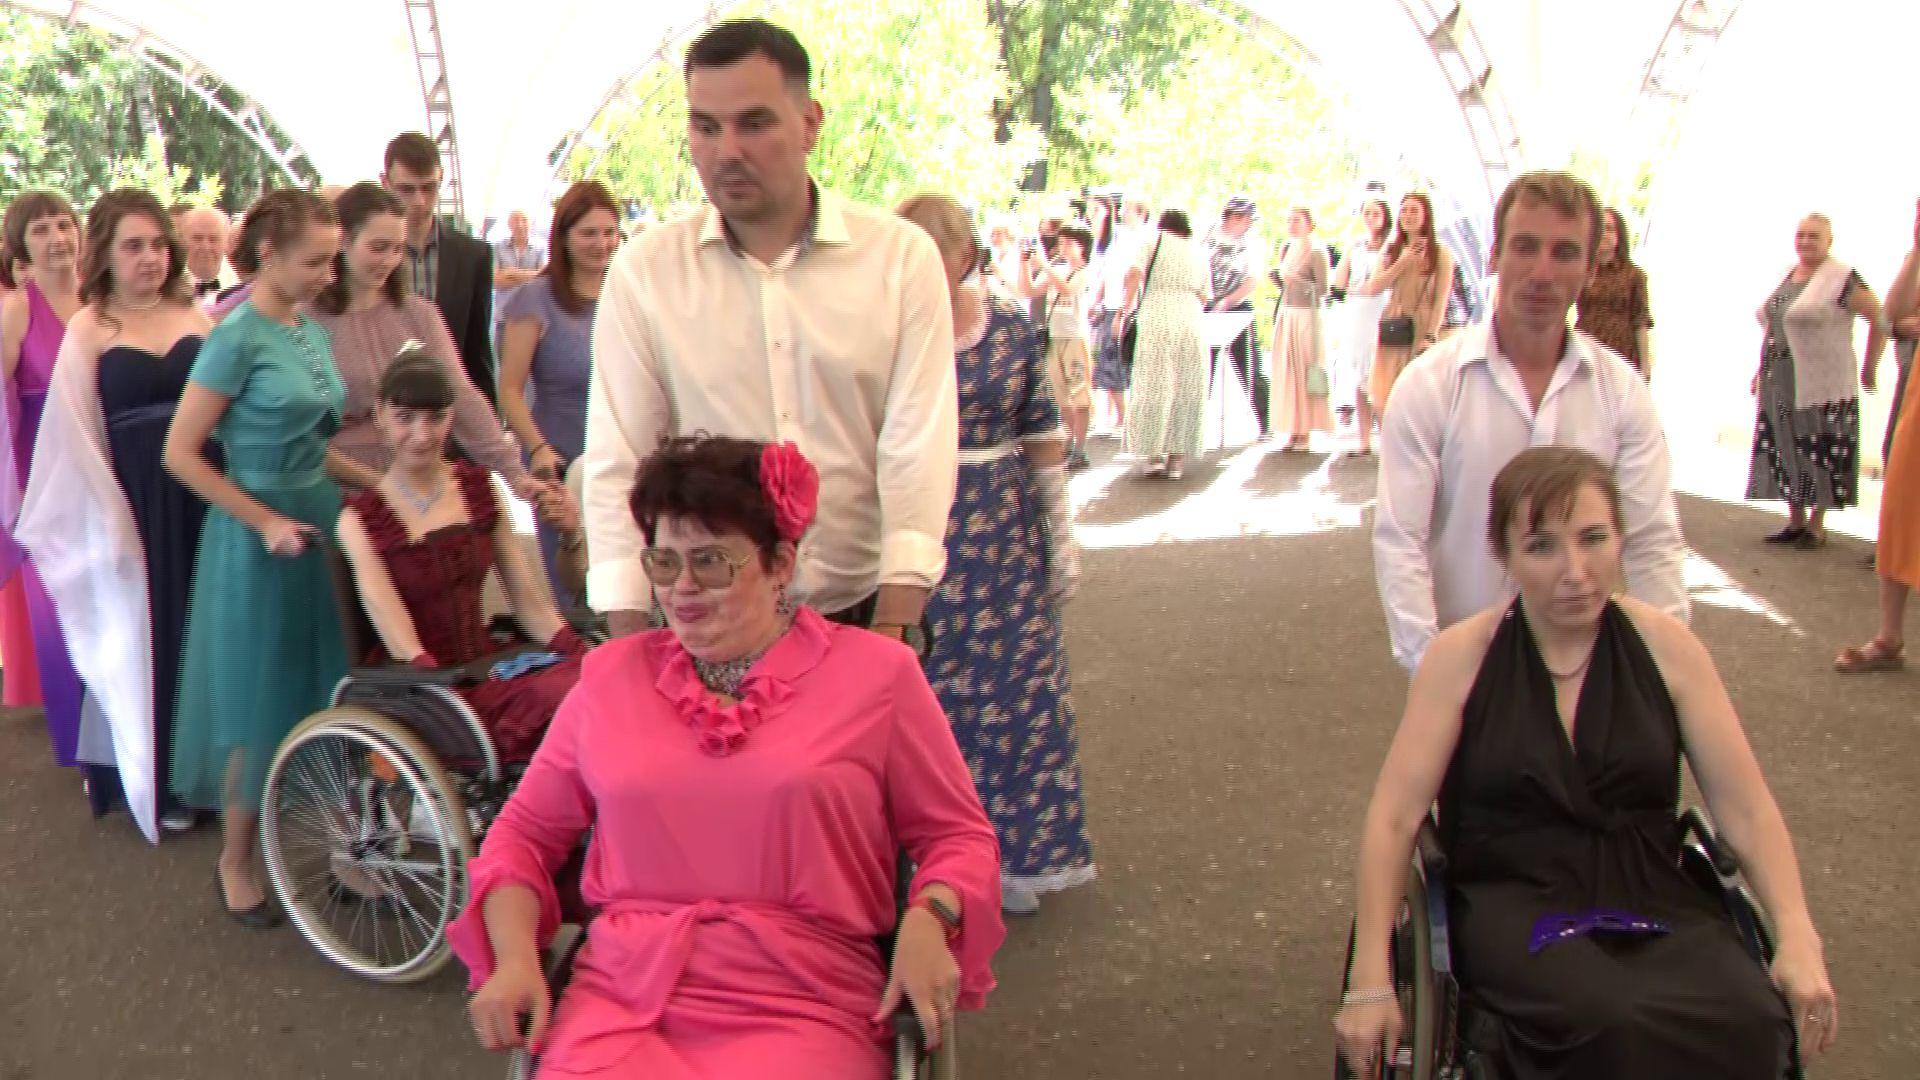 В Ярославле прошел эксклюзивный бал для людей с ограниченными возможностями